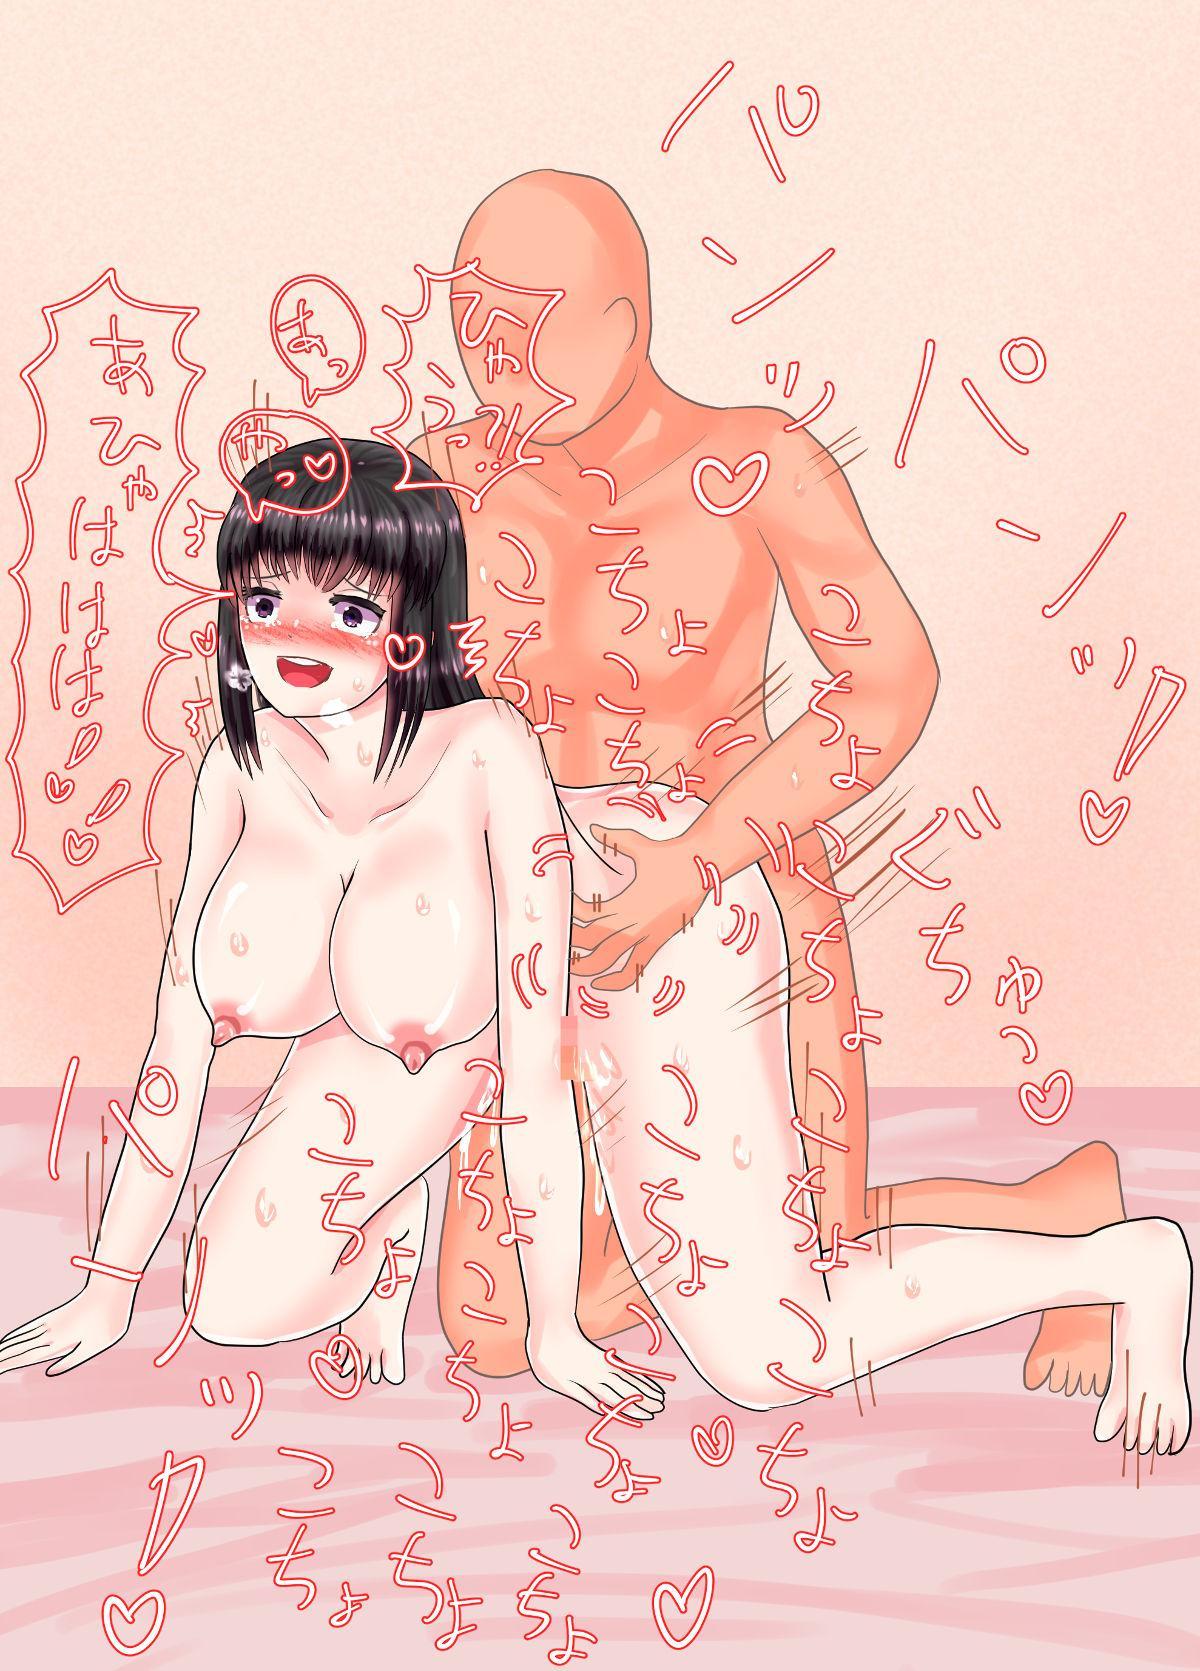 Kurokami Joshi o Kusuguru dake no All Color Eromanga 14